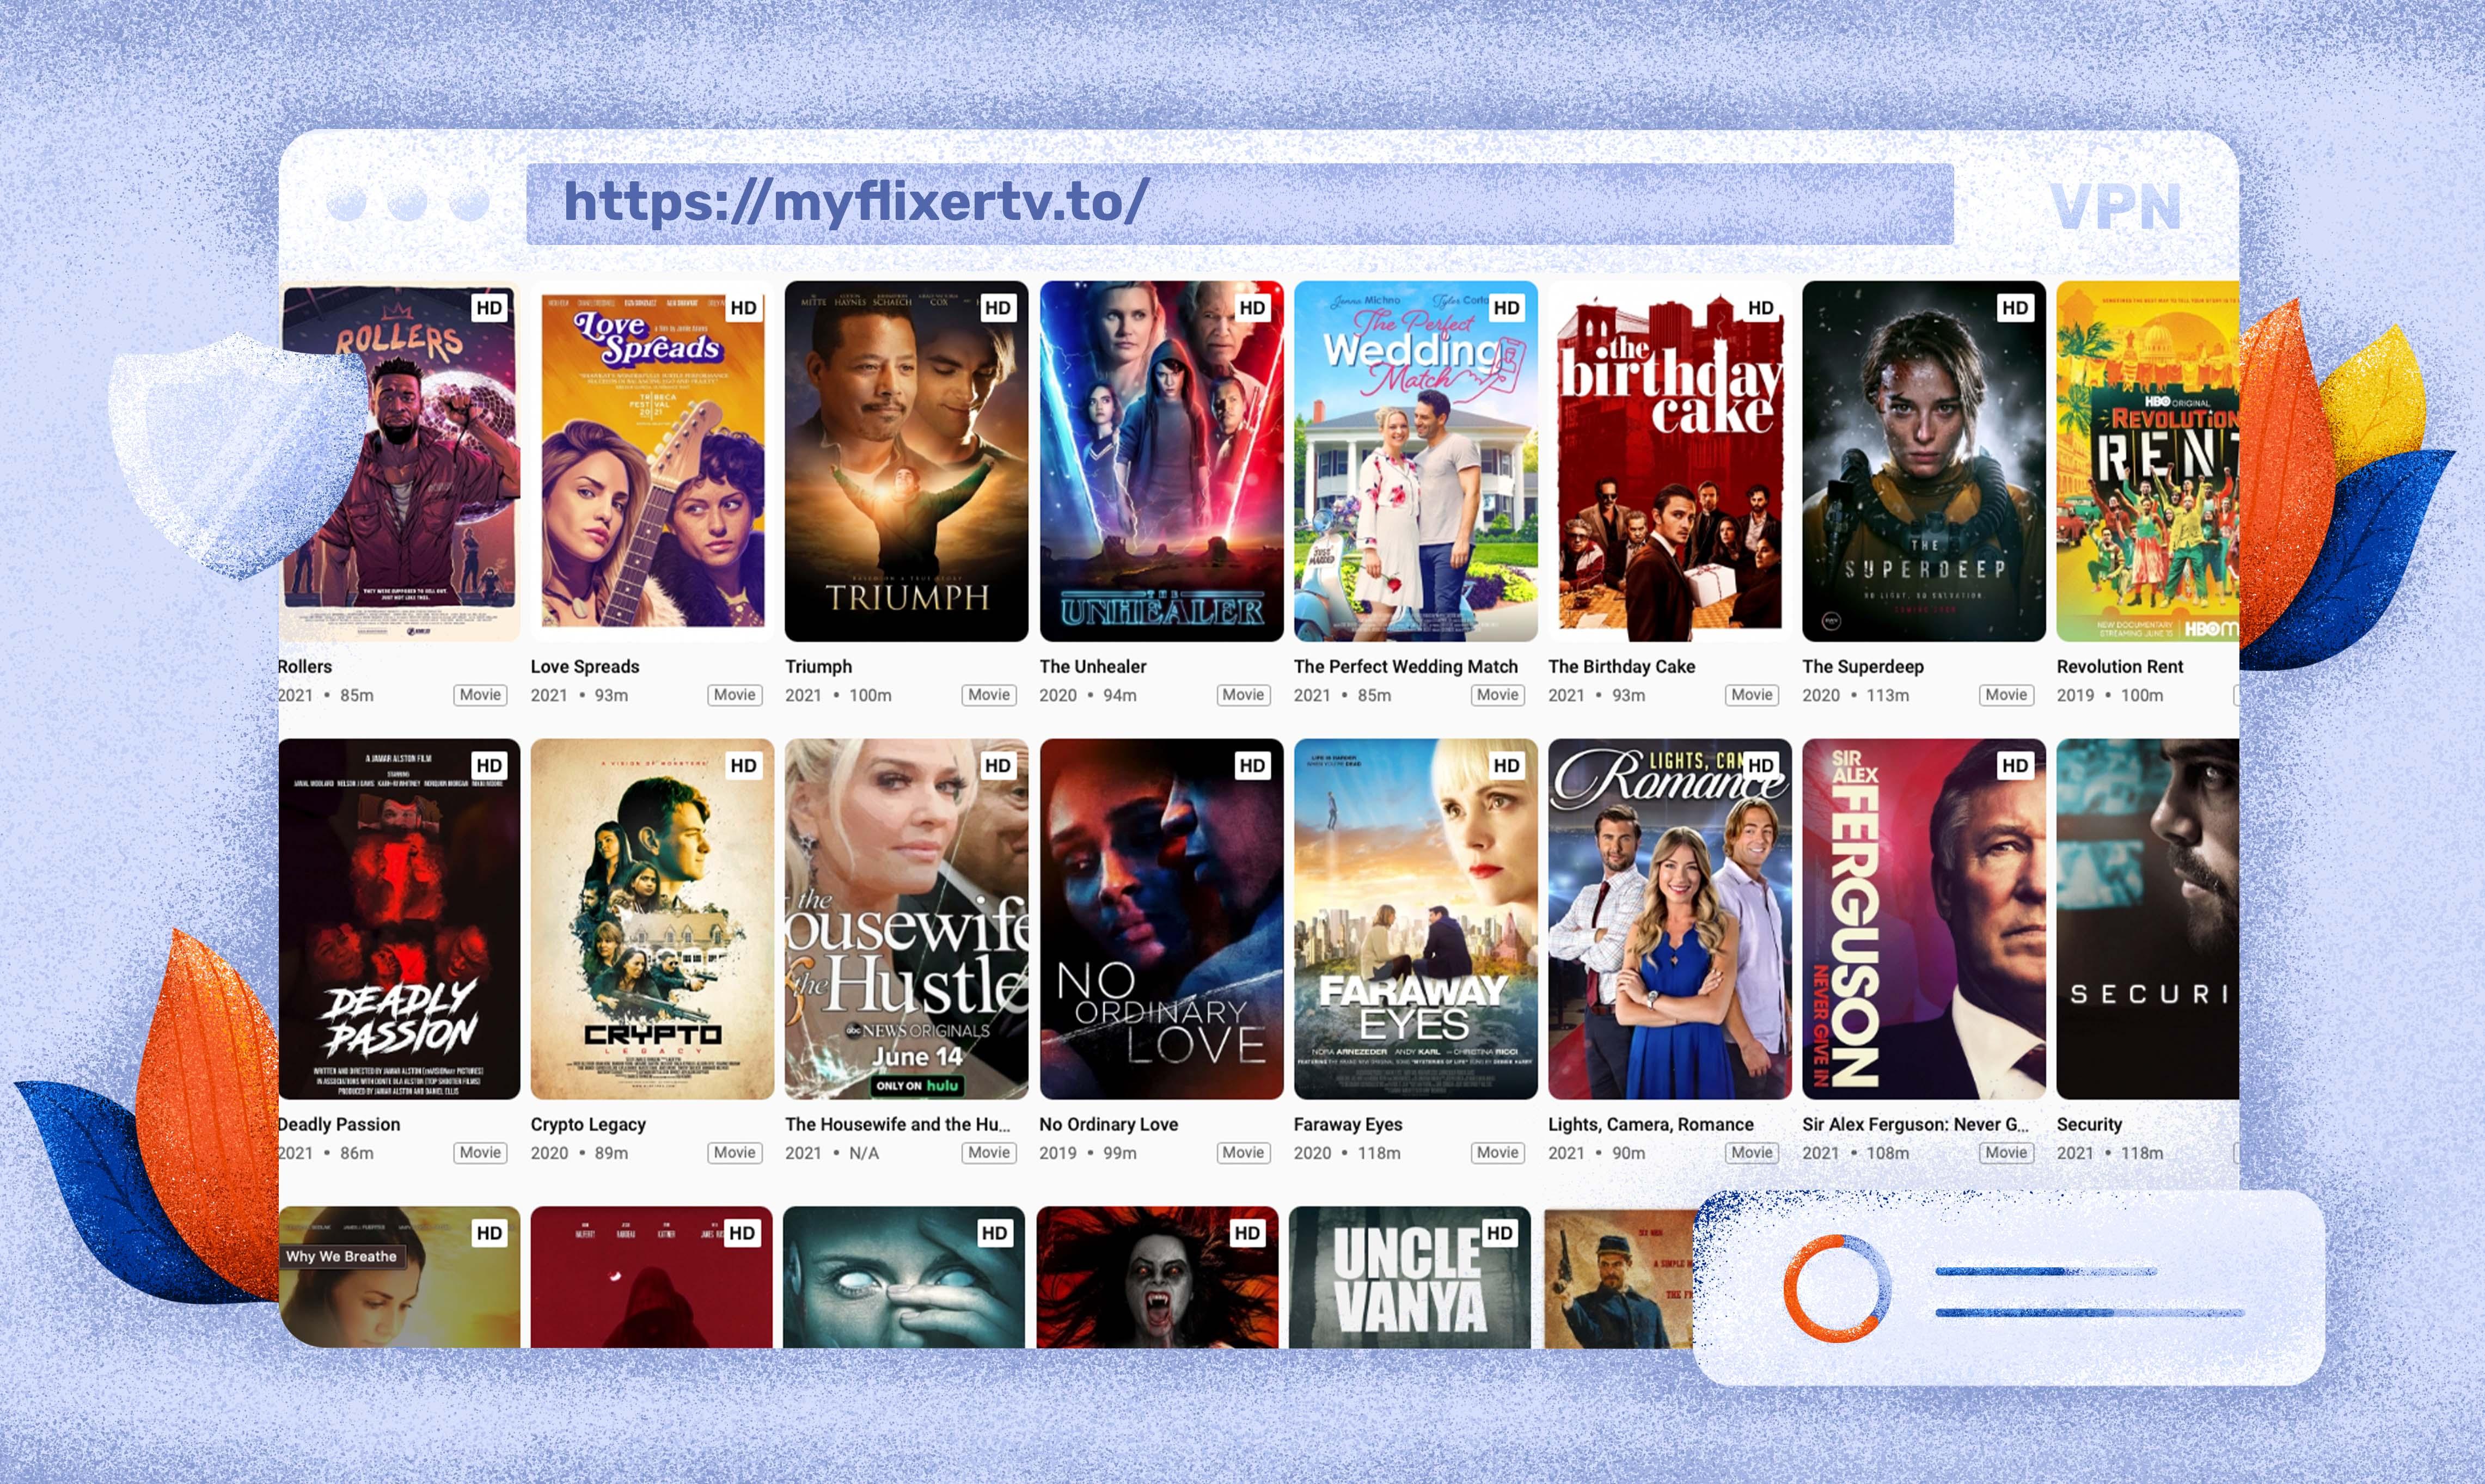 Użyj MyFlixer jako alternatywy dla Putlocker do strumieniowego przesyłania filmów i programów telewizyjnych.